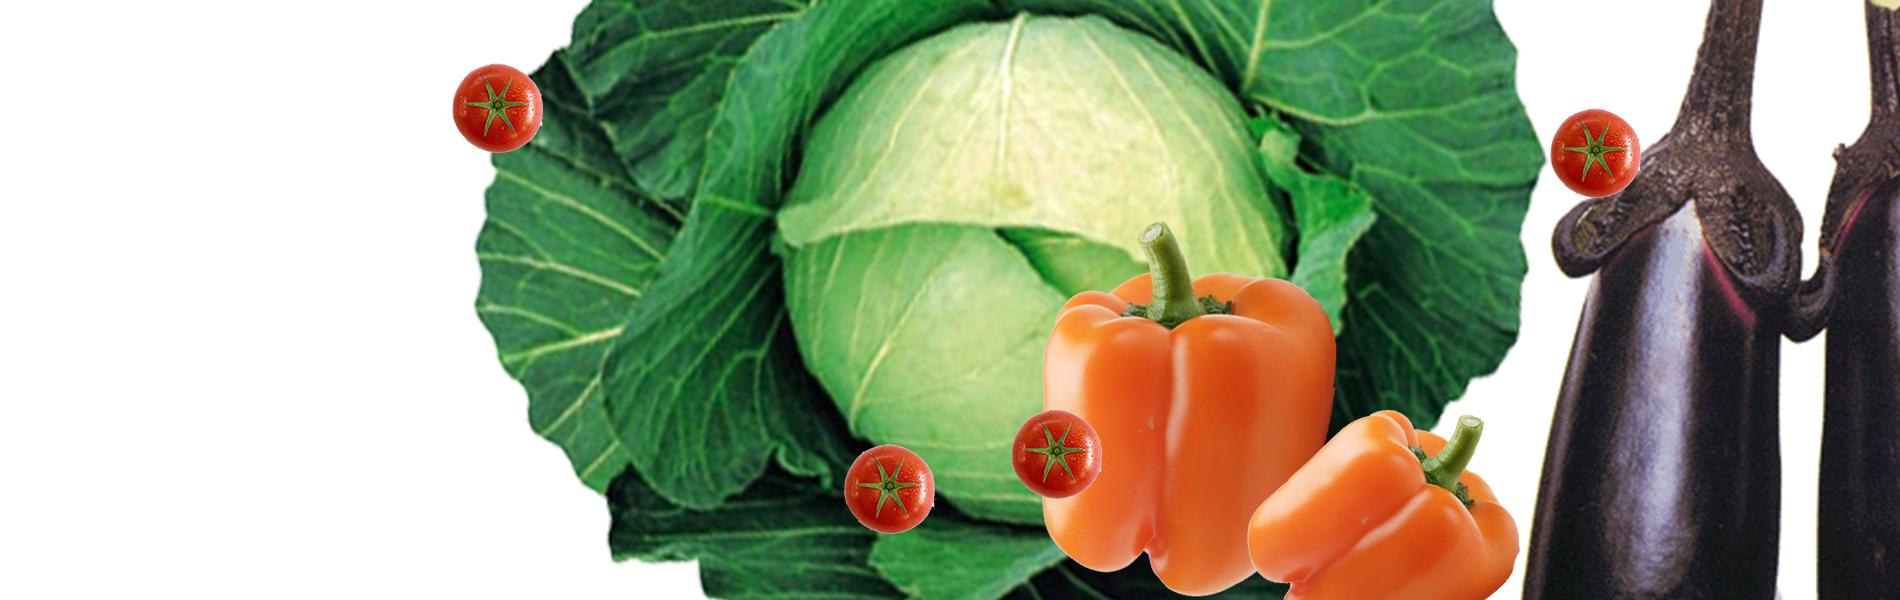 小金井野菜で簡単レシピ